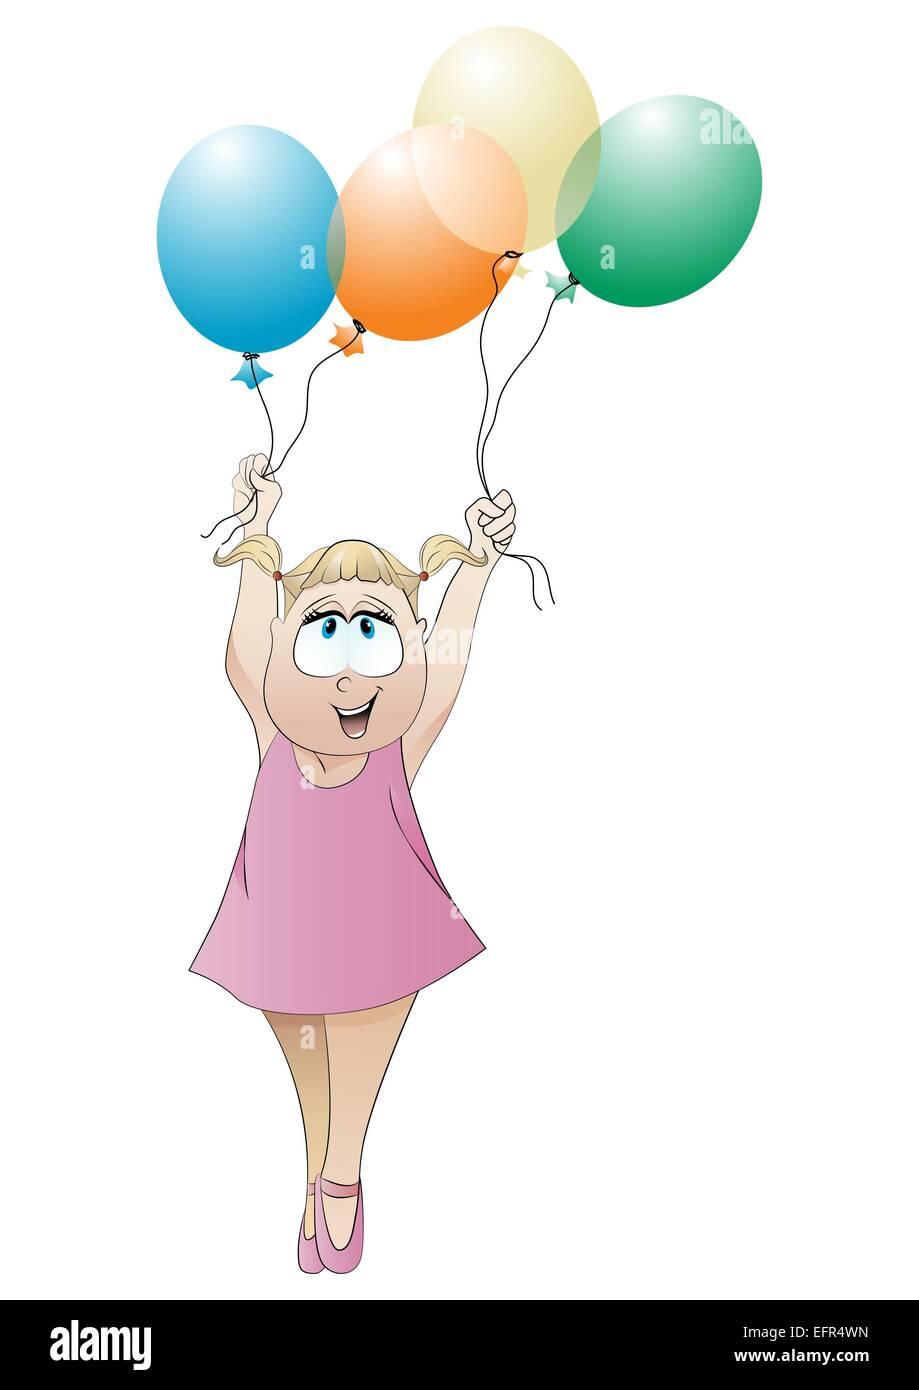 Открытка своими руками девочка держит шарики, открытки